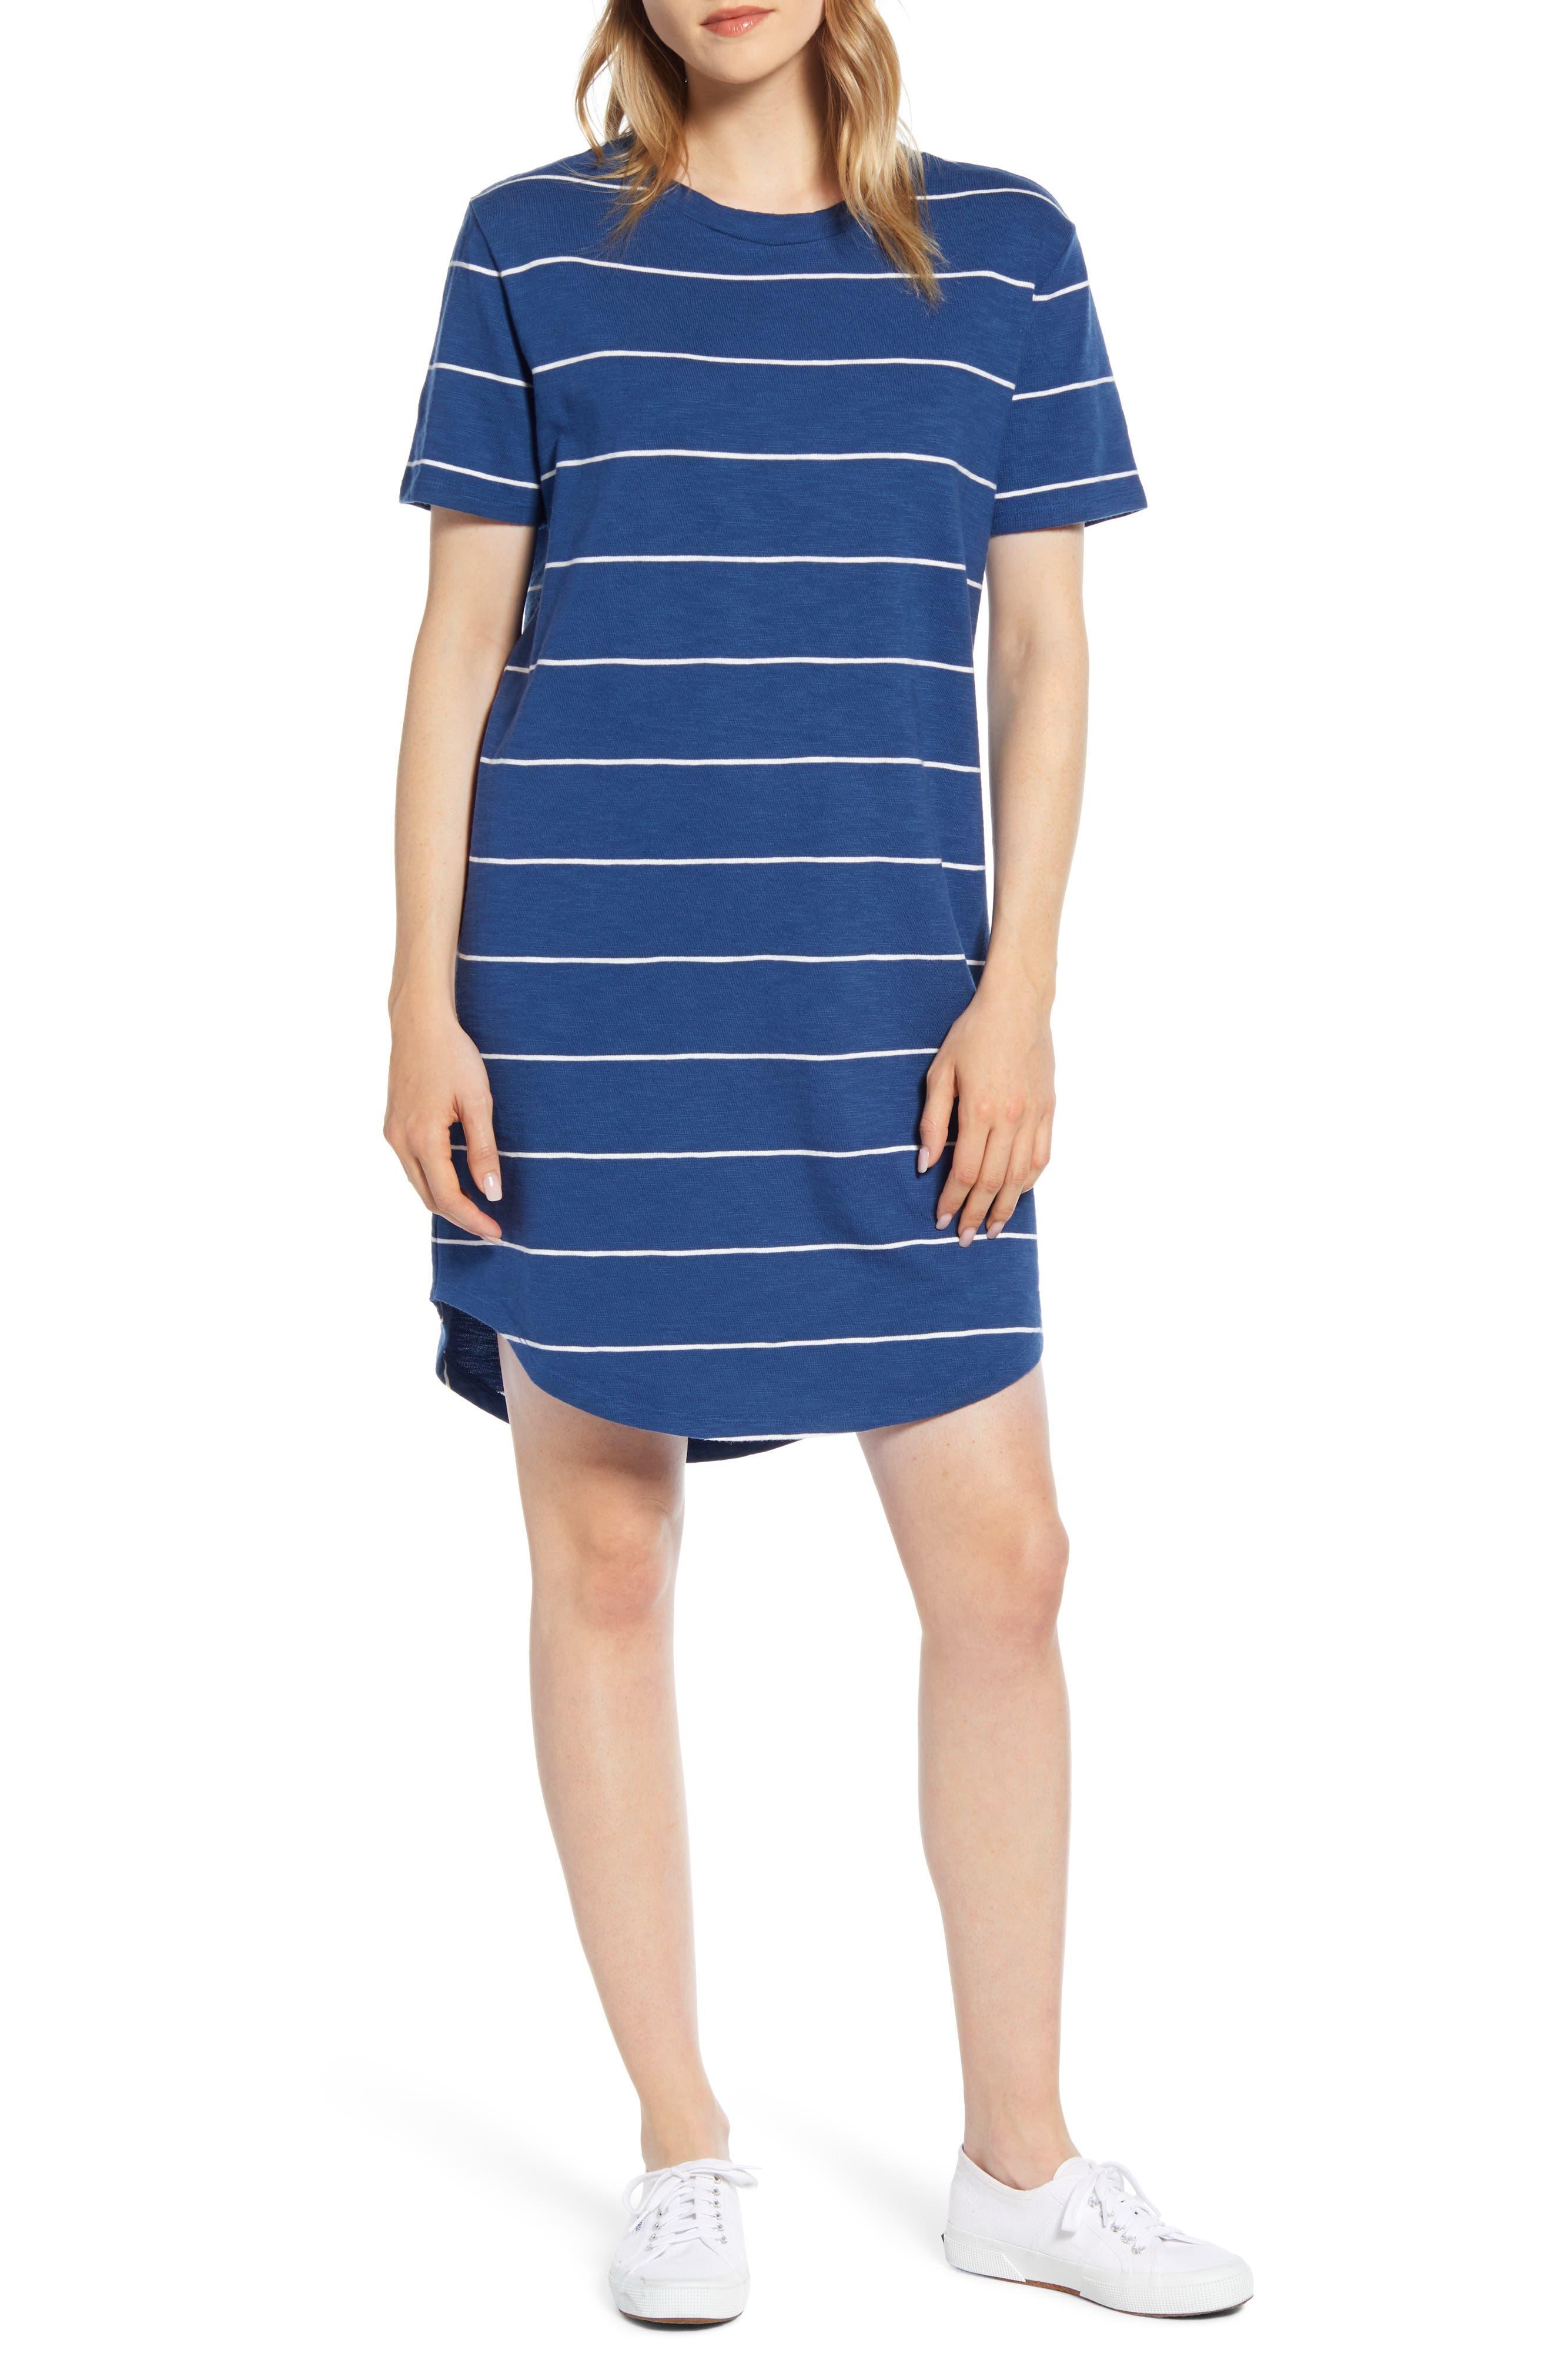 Lou & Grey Stripe Cozy Jersey T-Shirt Dress, Blue